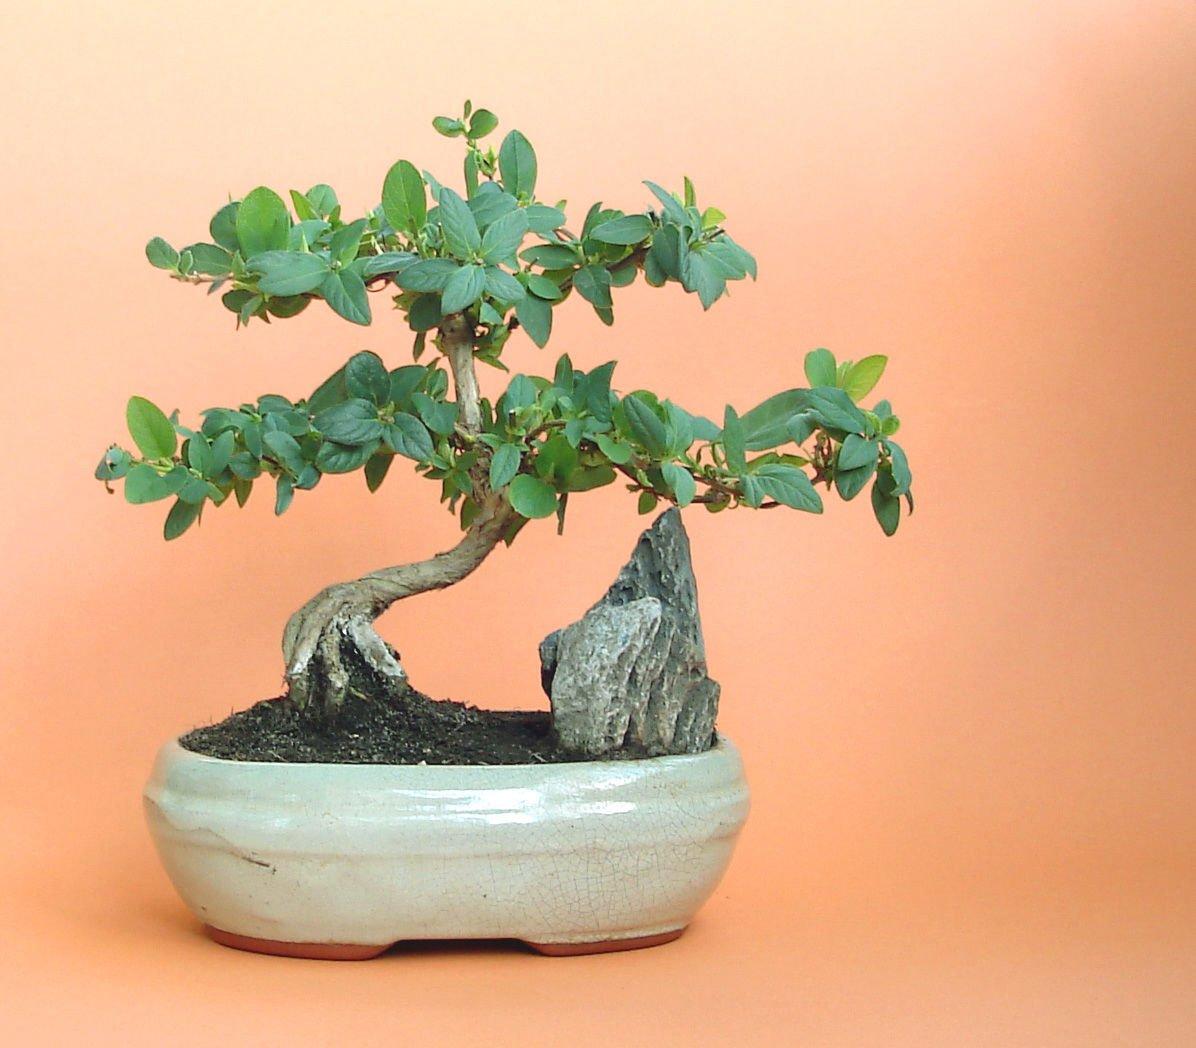 Japanese Honeysuckle Vine, Lonicera Japonica, 50 Seeds (Fast, Fragrant)